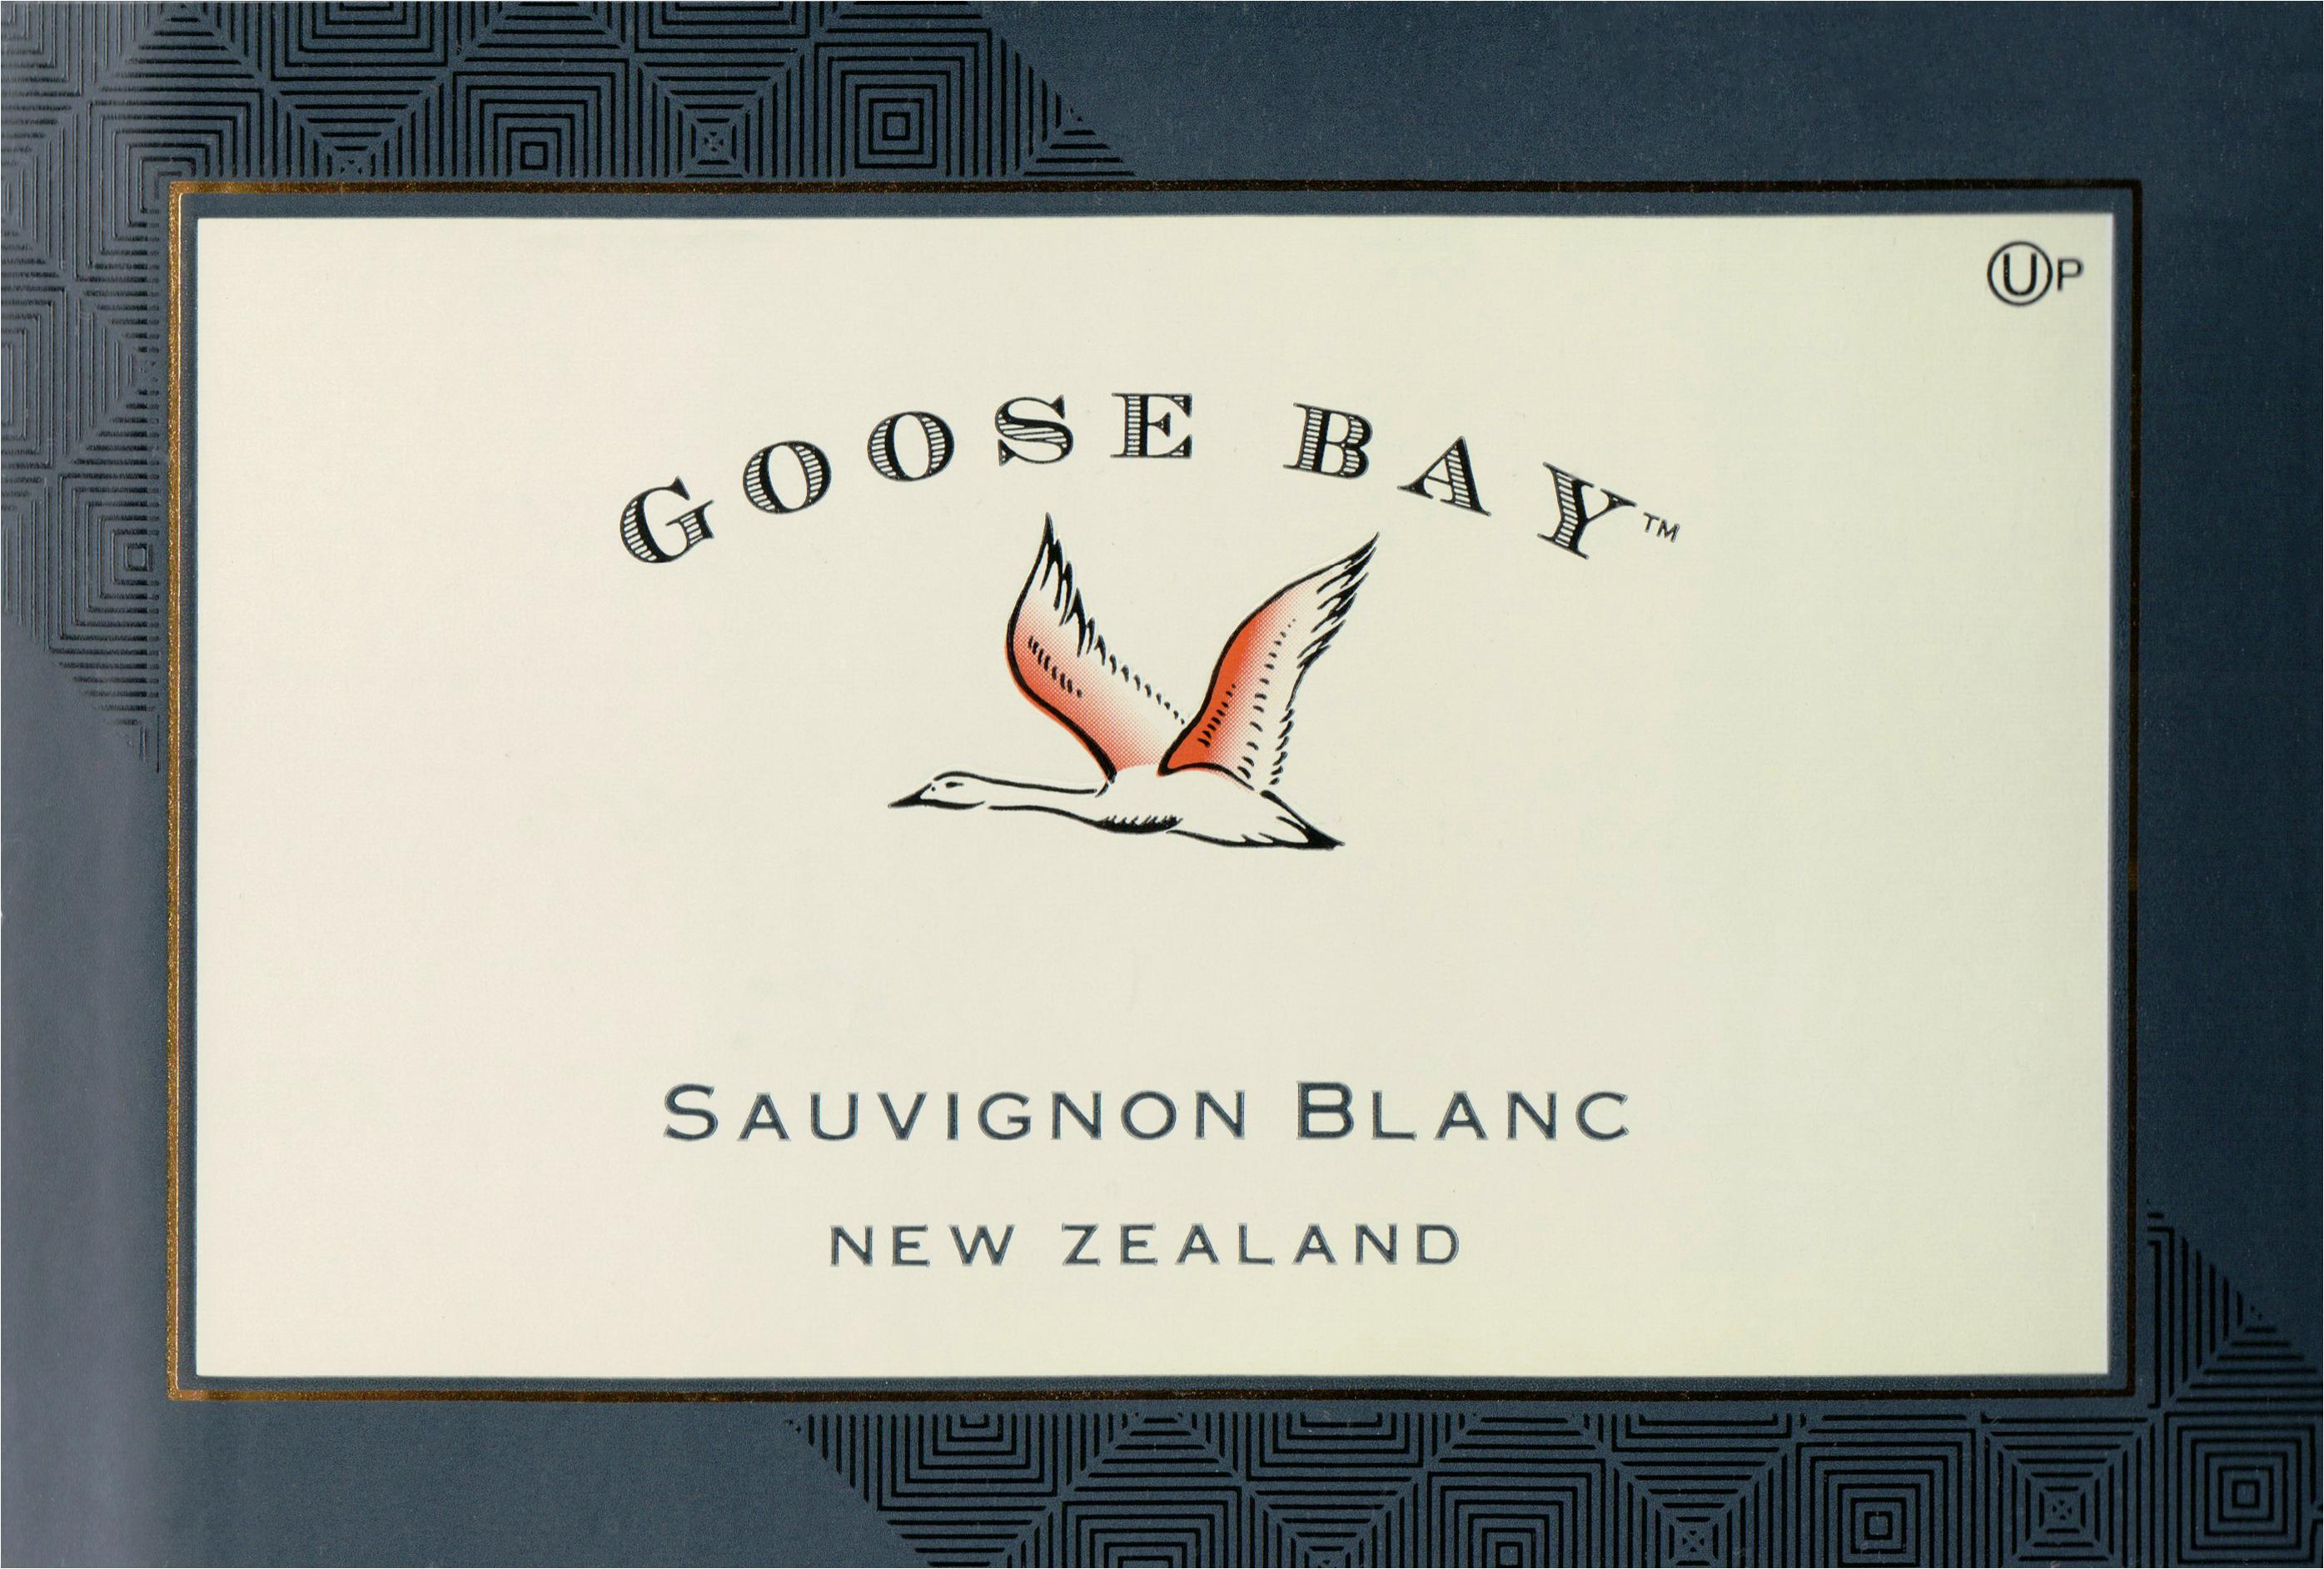 Goose Bay Sauvignon Blanc Marlborough